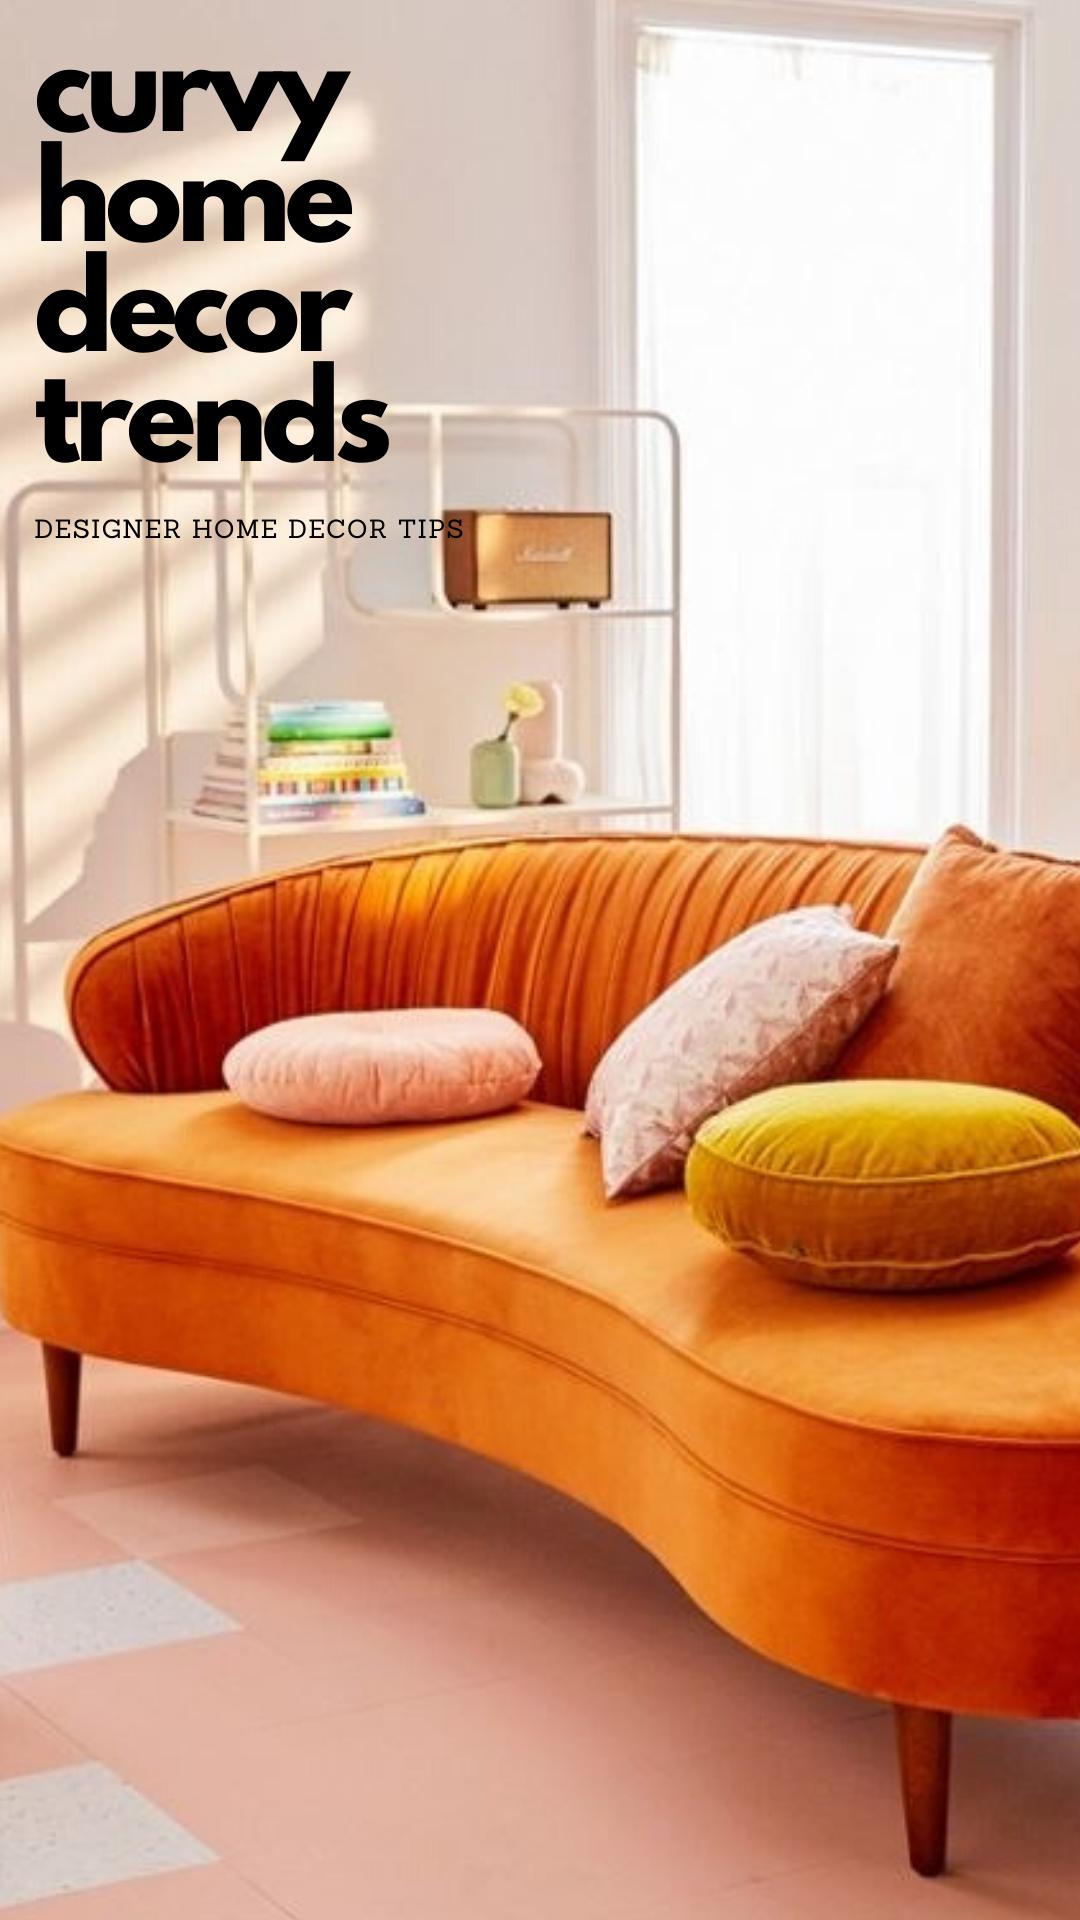 curvy home decor trends